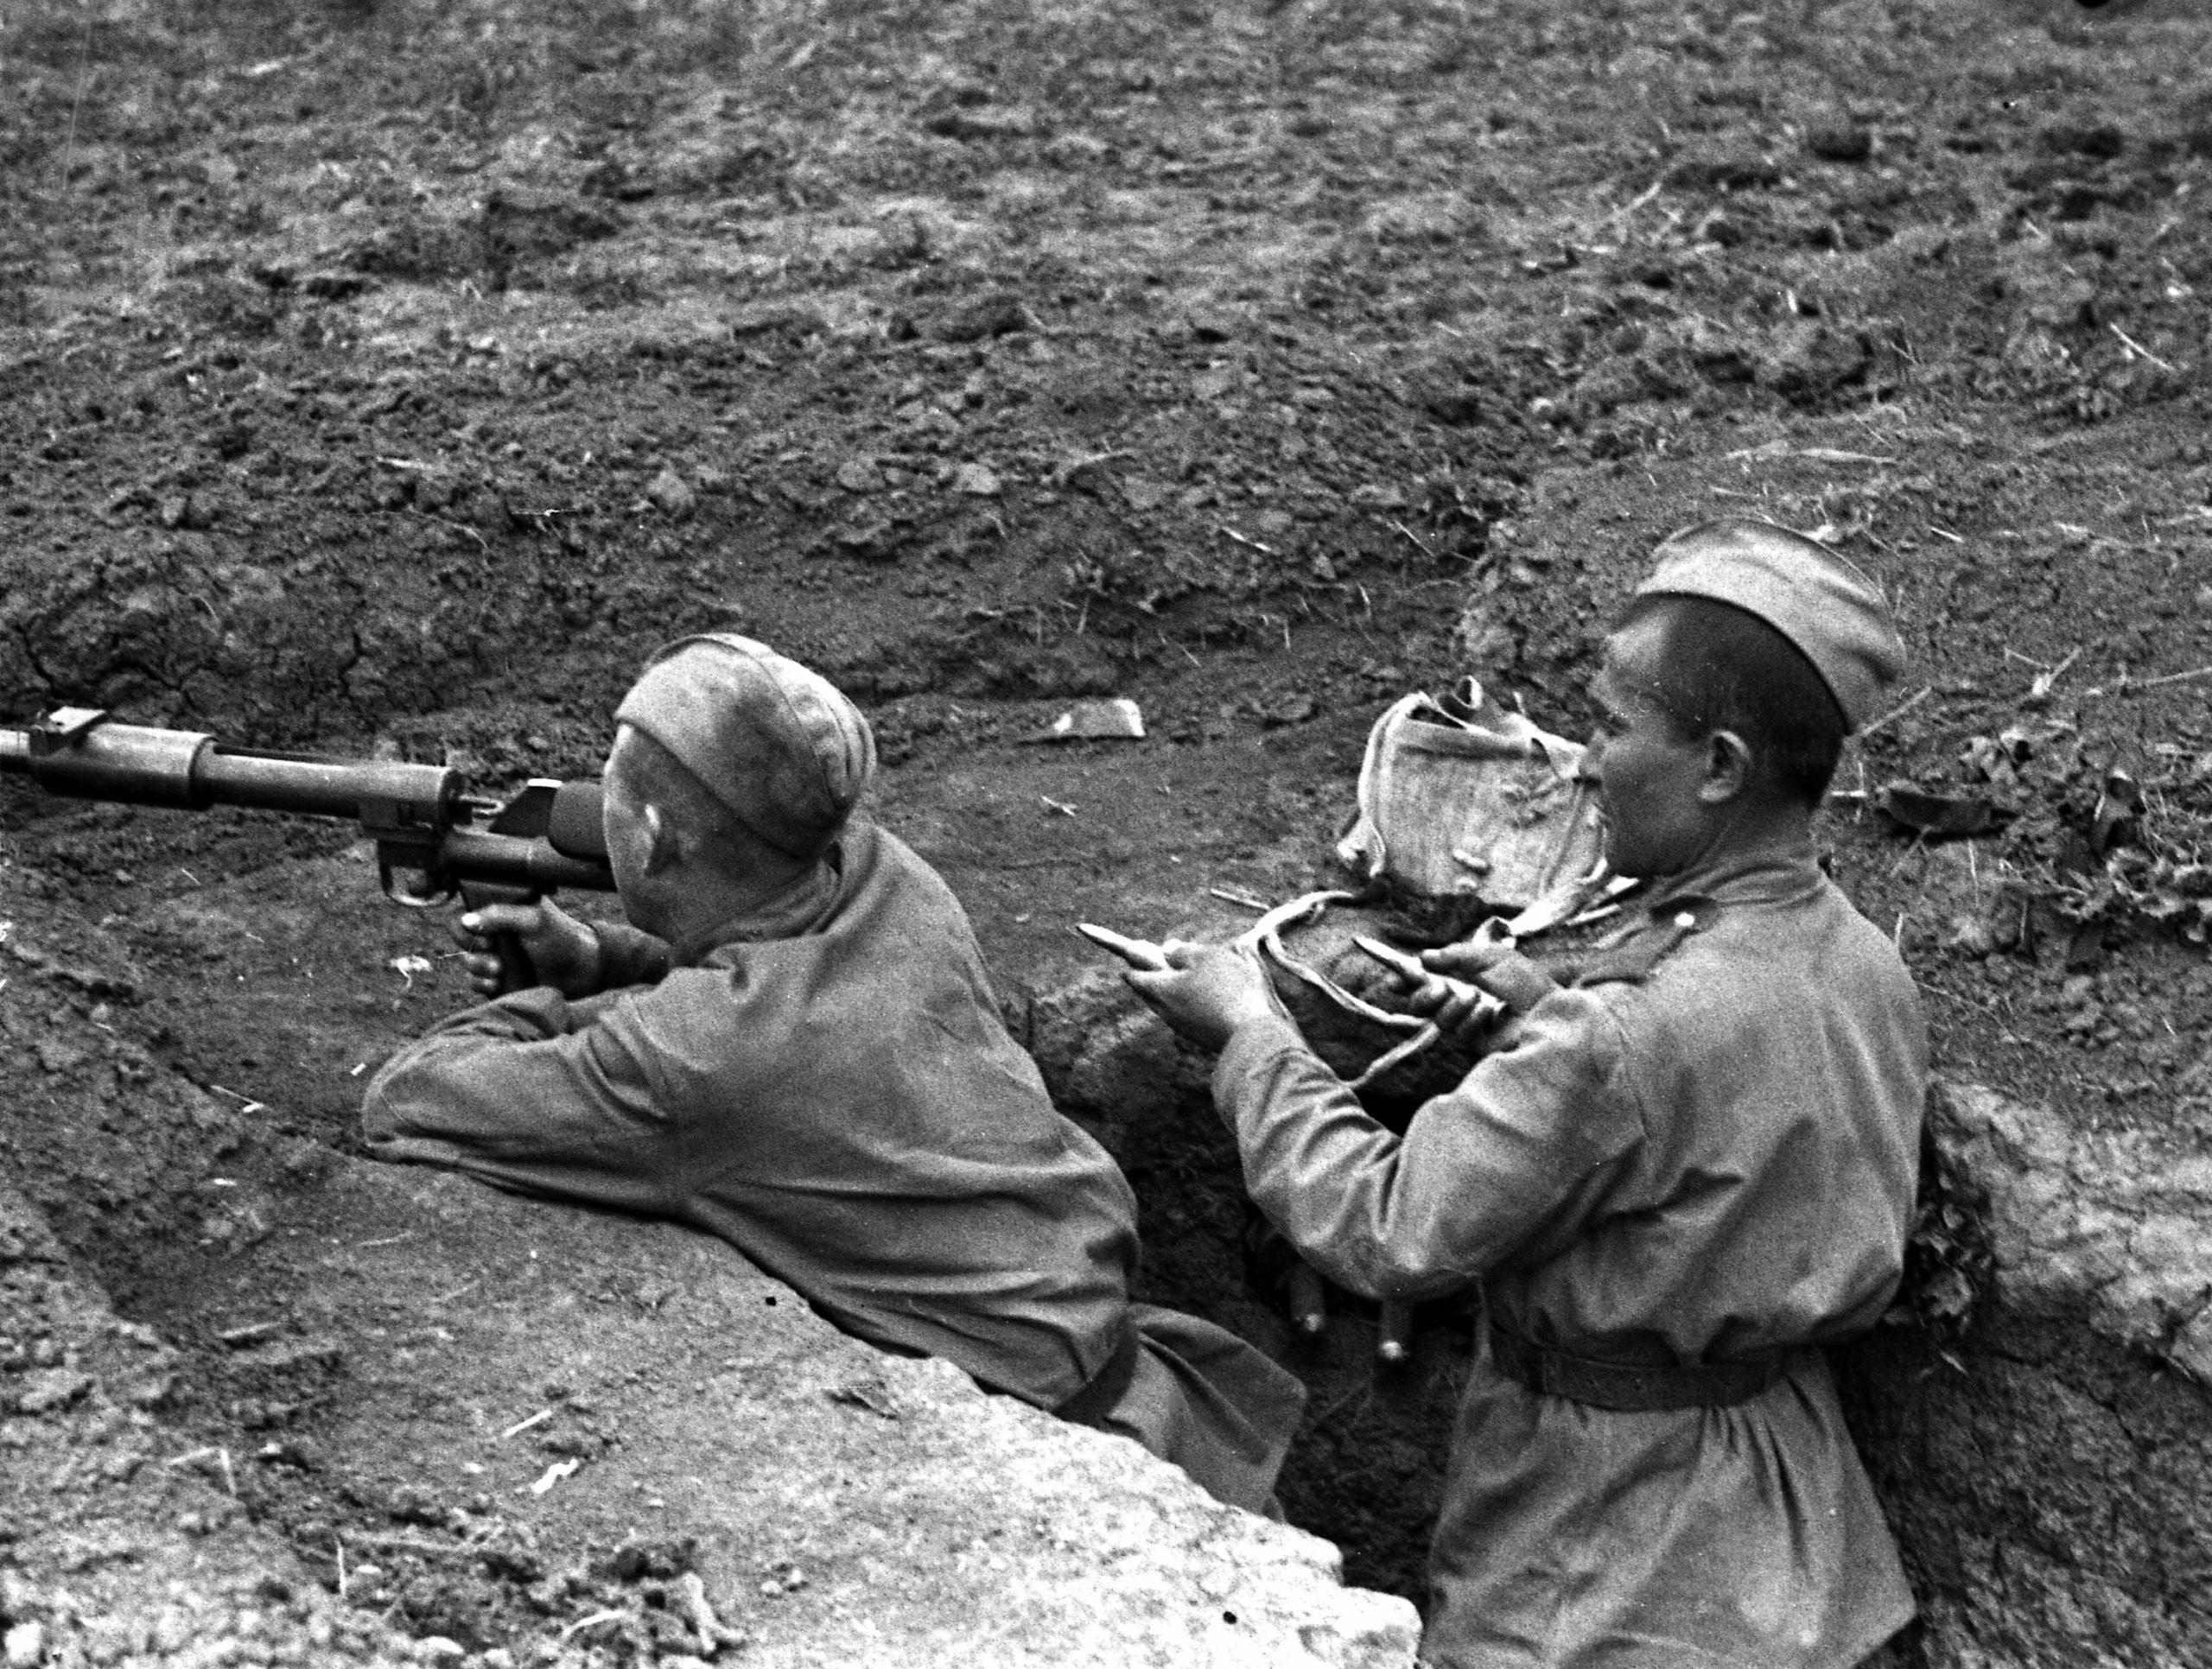 В Твери представлены уникальные снимки времен Великой Отечественной войны